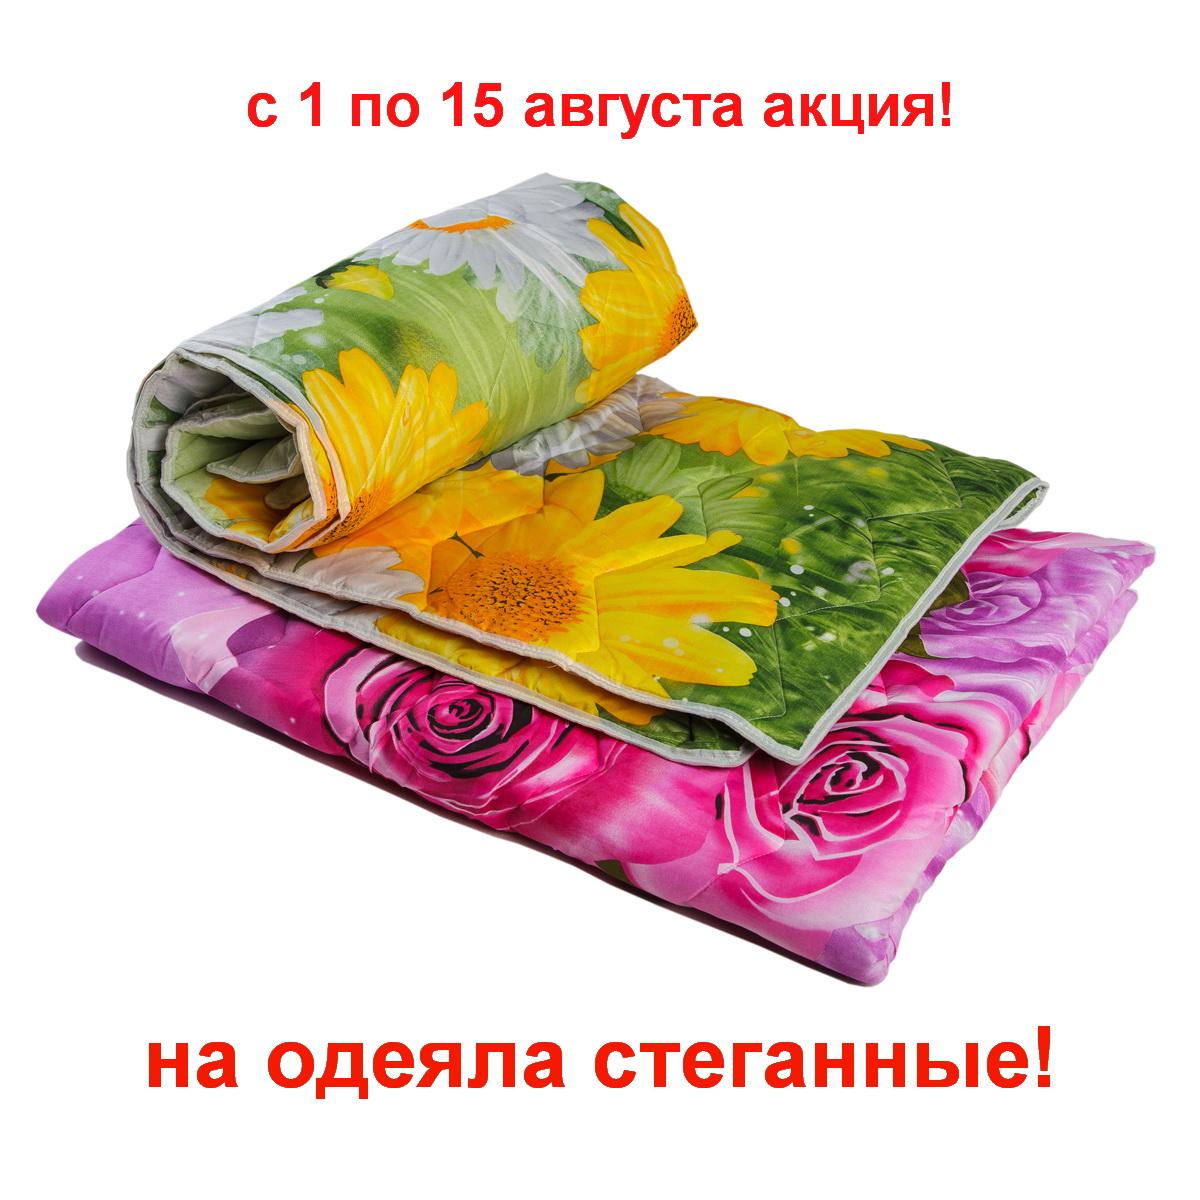 Акция на одеяла